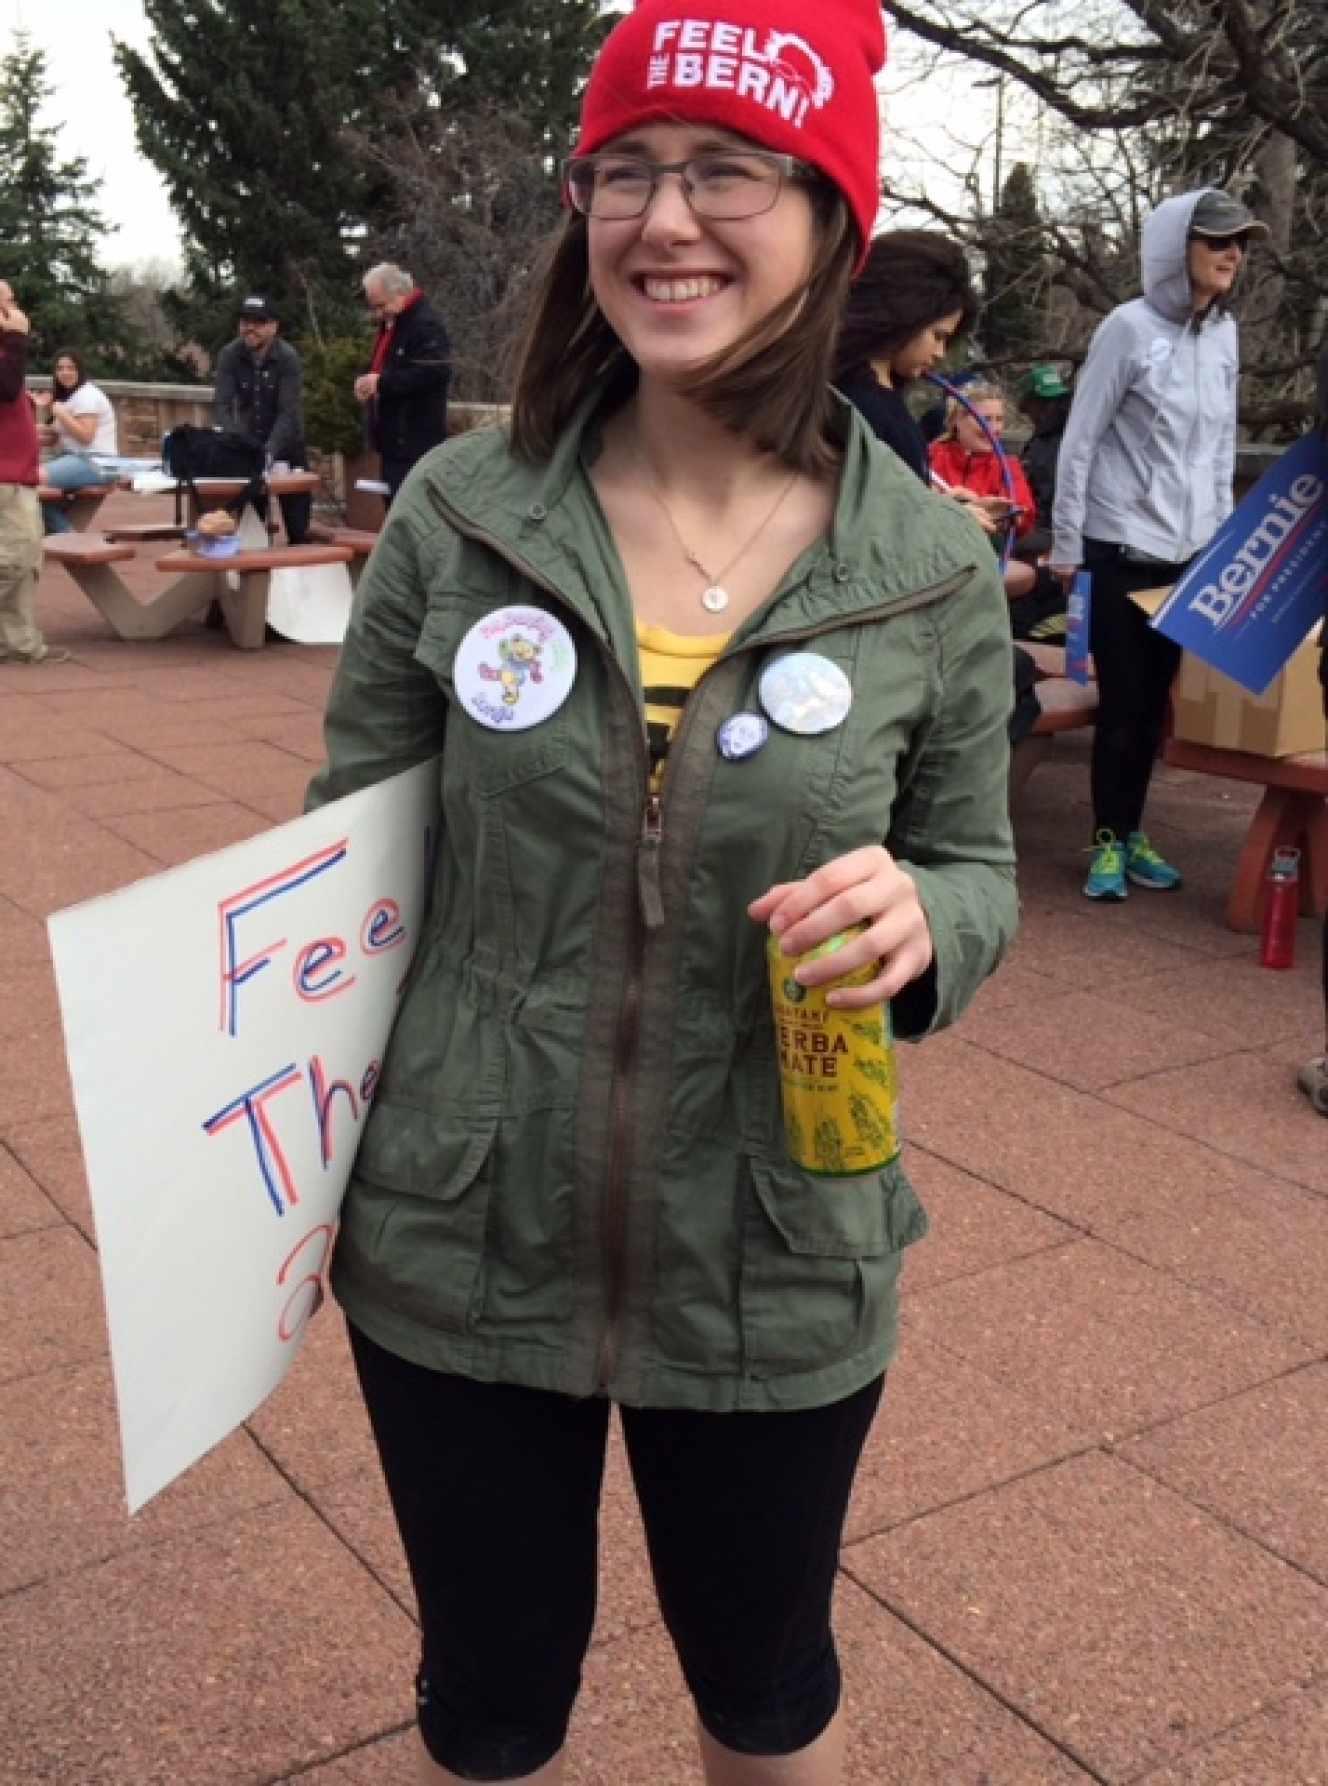 Ylie Marchiori, de 21 anys, en una pro-bernie reunint-se a Boulder (Colorado). A la seva insígnia: